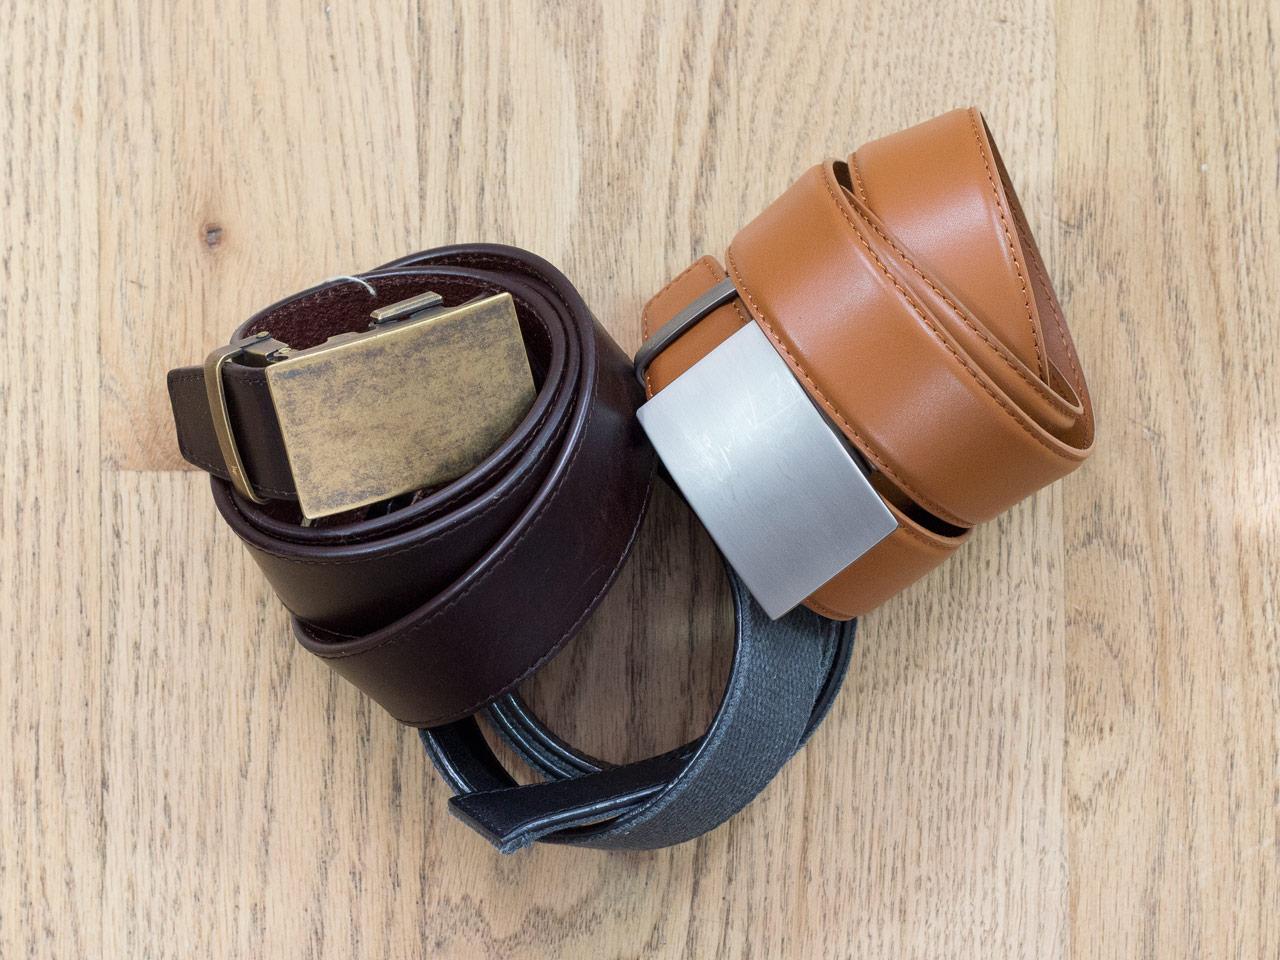 effortless essentials minimalist wardrobe - accessories_belts